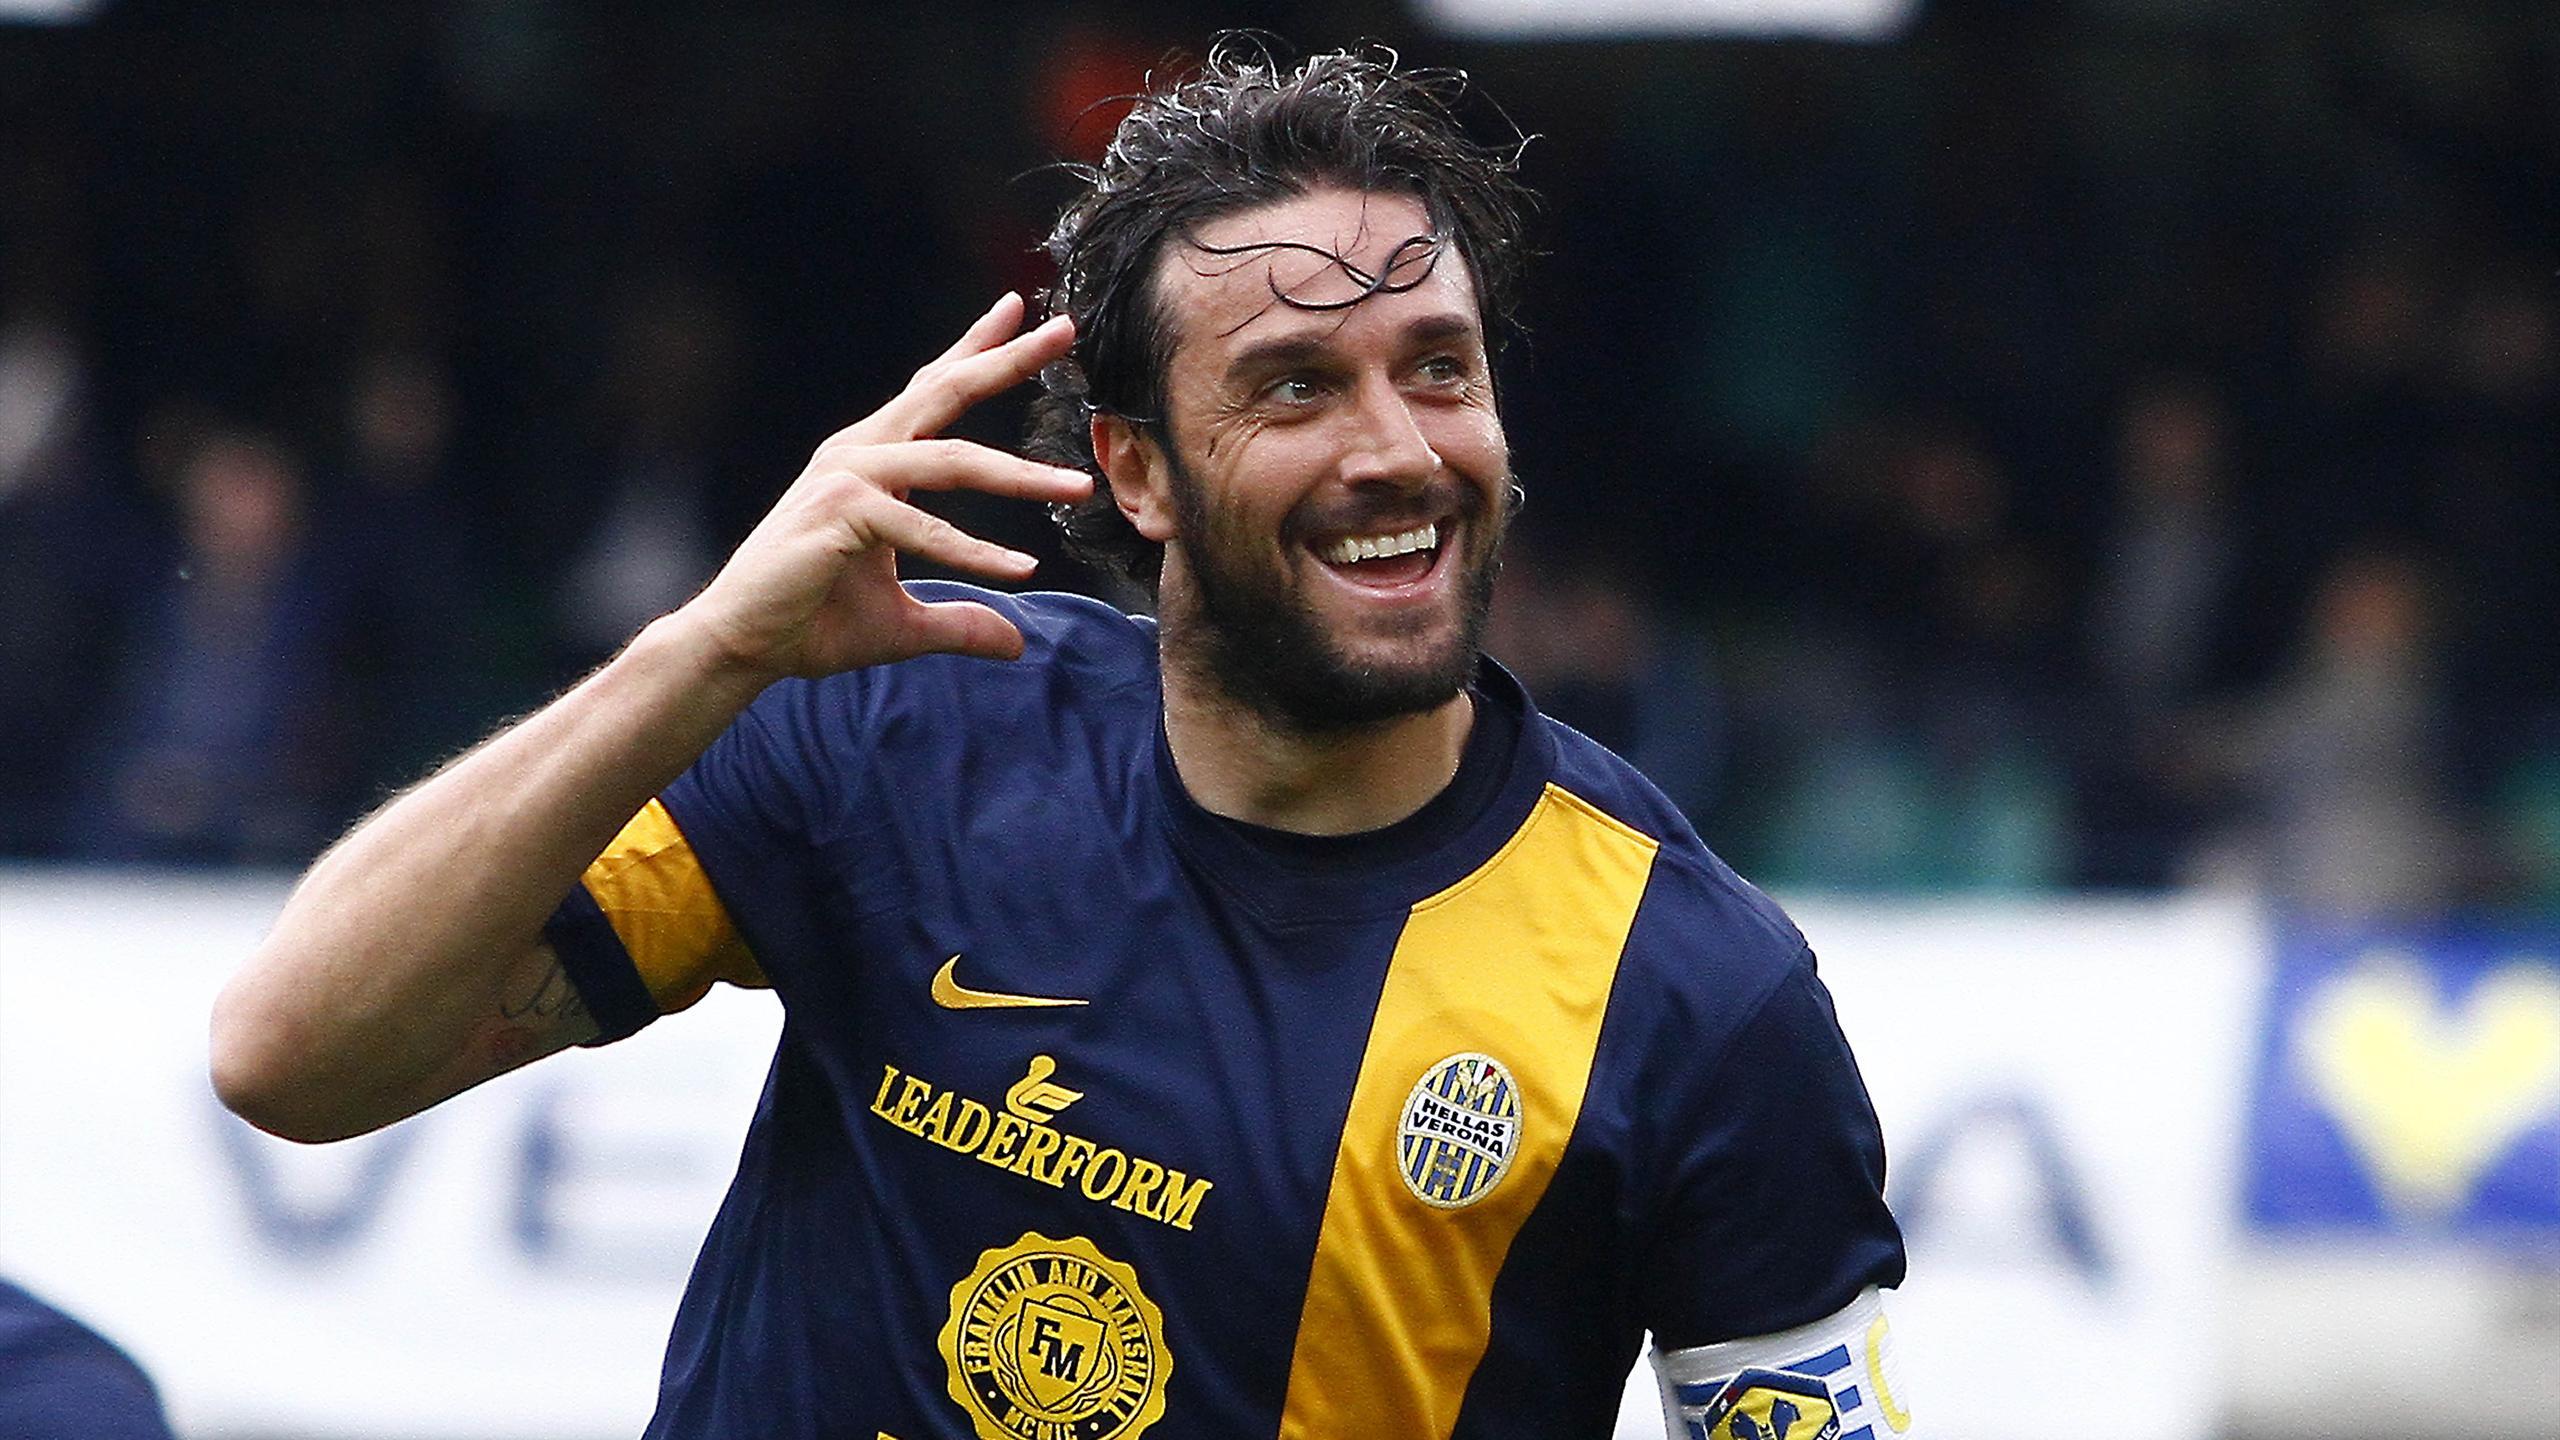 Super Toni, doppietta, annienta il Napoli e regala una quasi certa salvezza al Verona